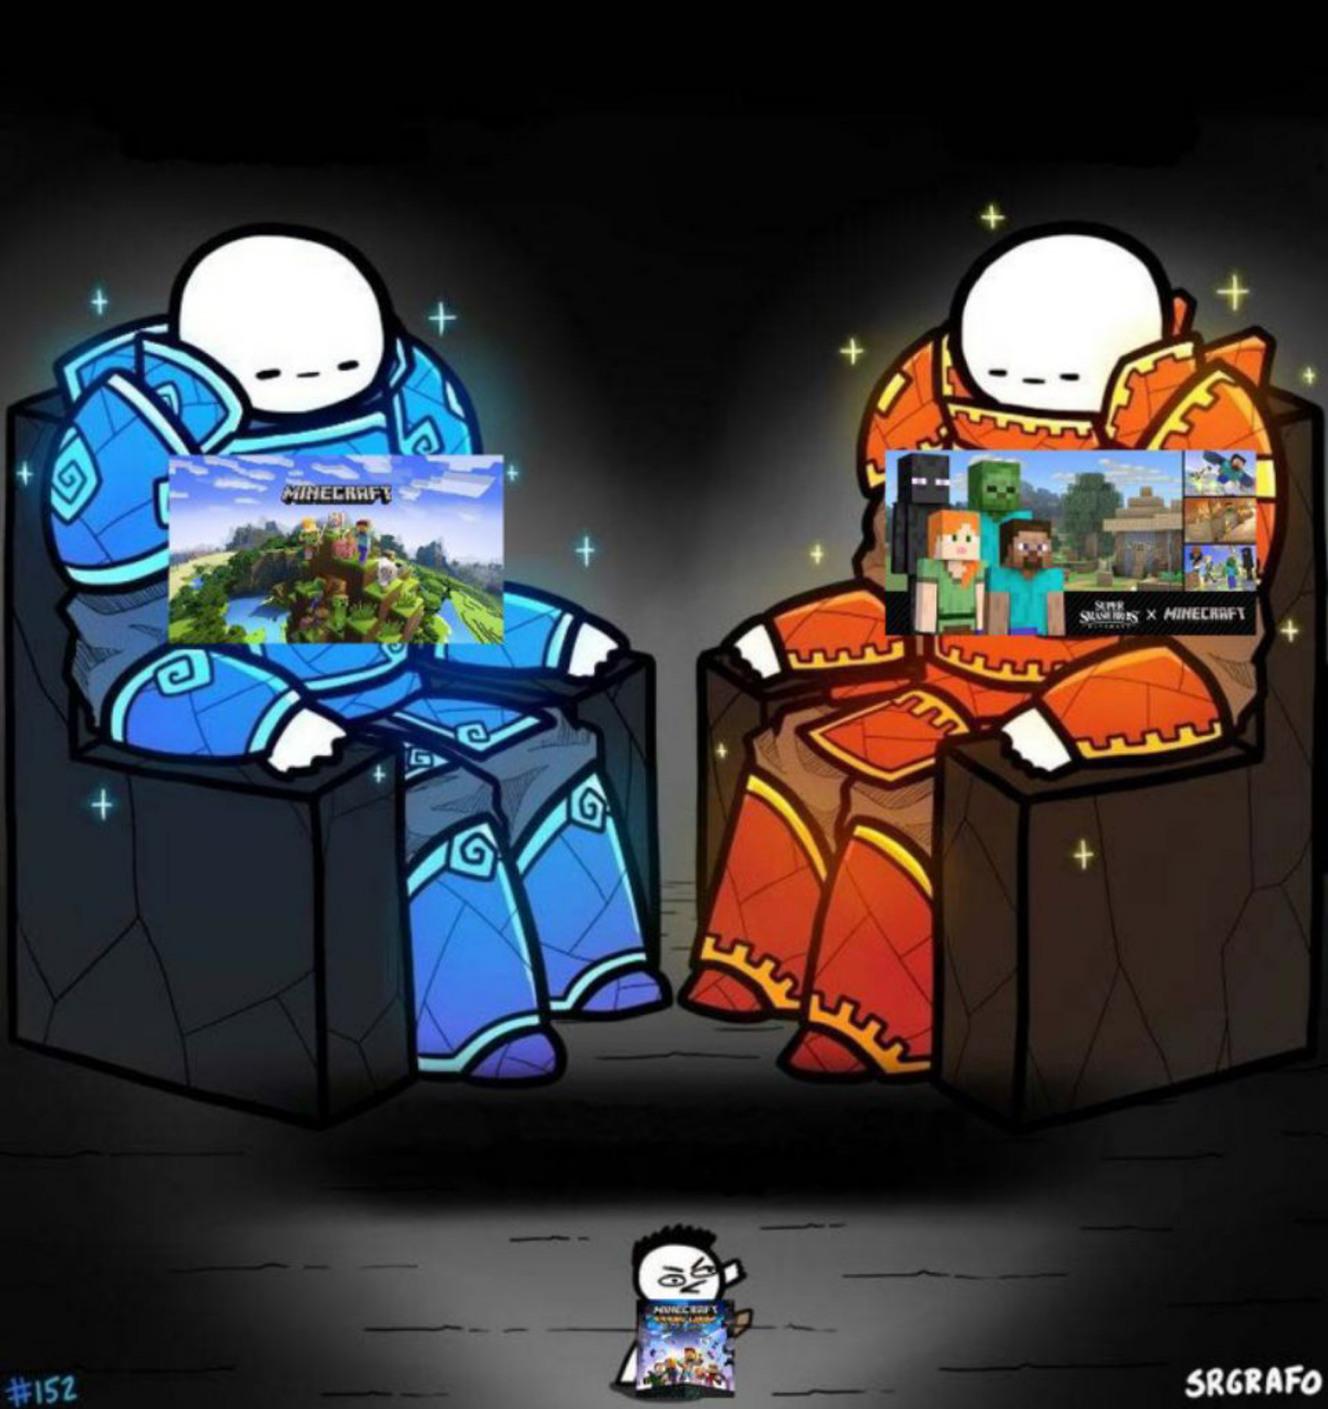 Irónicamente Minecraft tiene más relevancia que story mode - meme